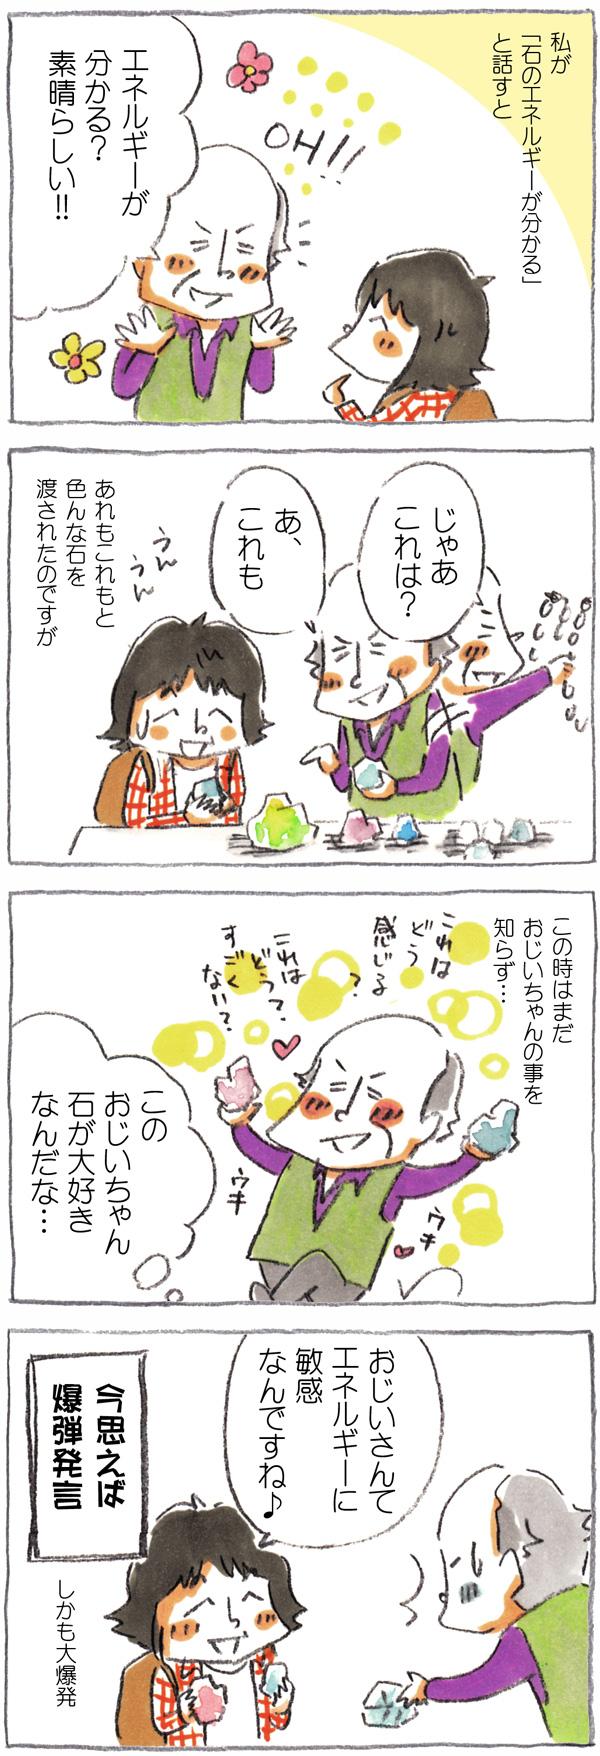 がね亭マンガ 初ツーソン